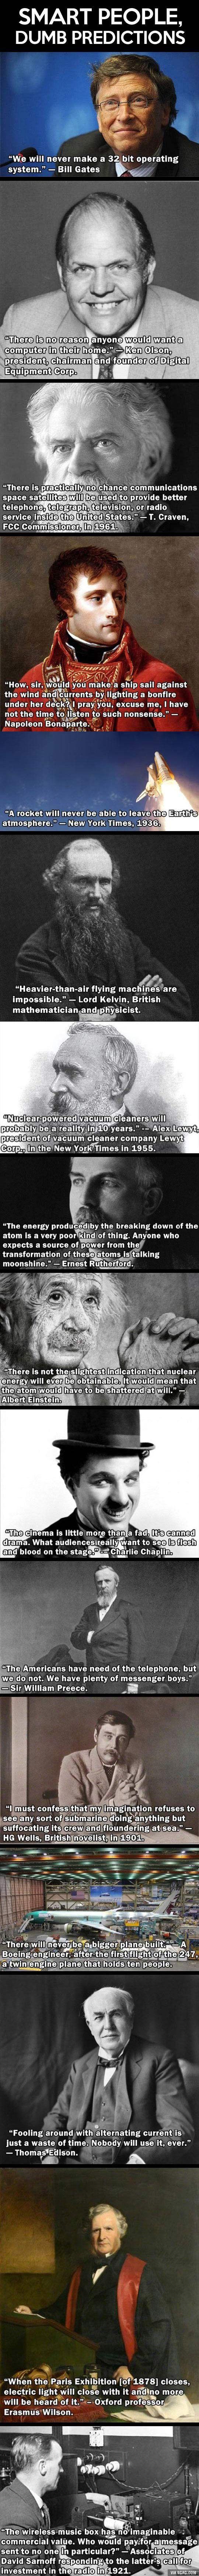 Smart people, dumb predictions